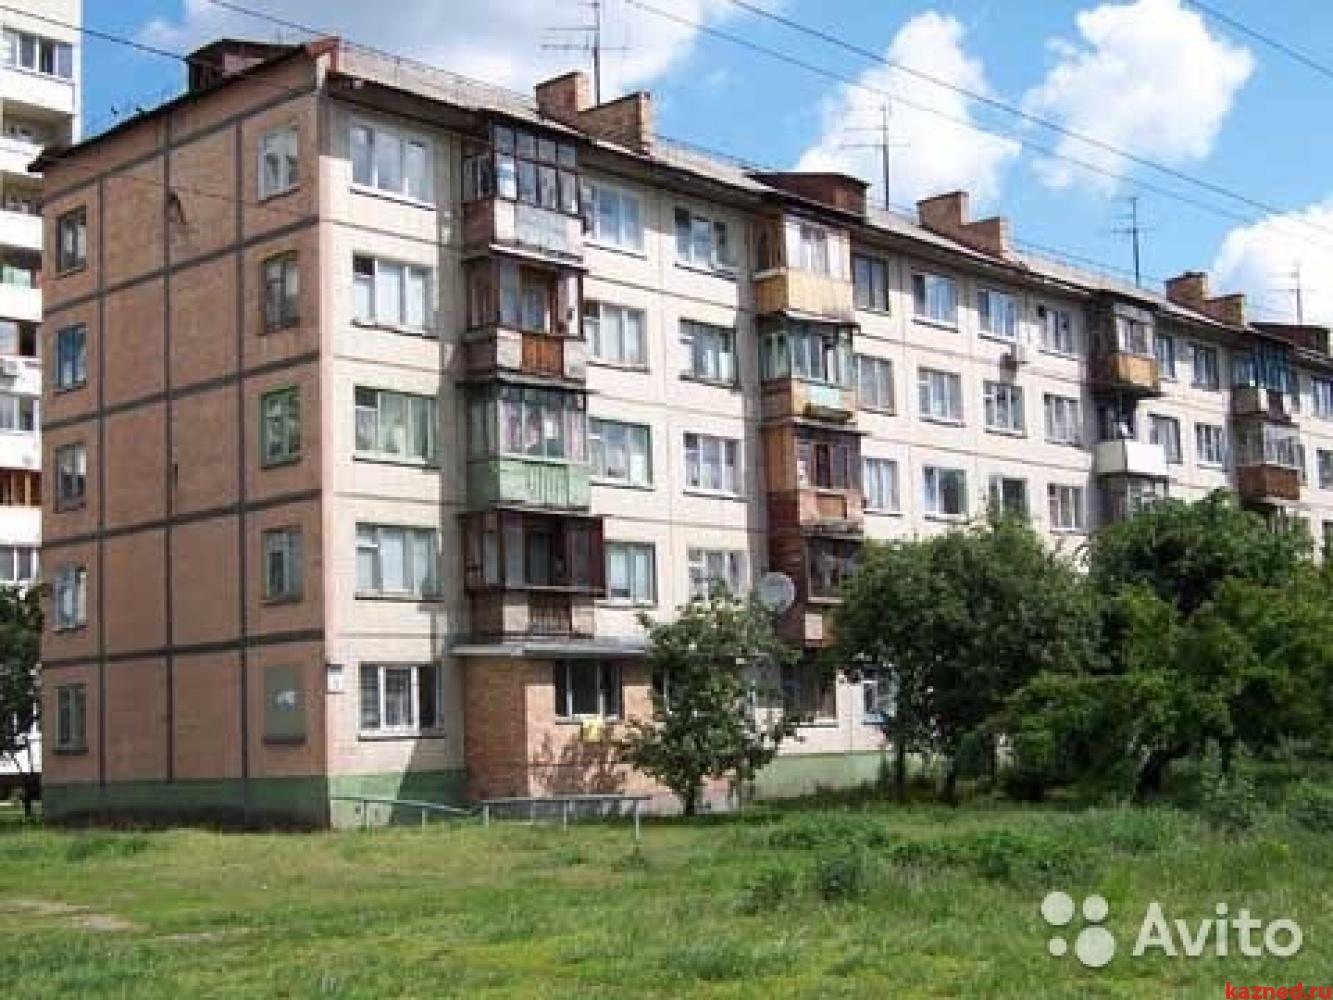 Продажа 1-к квартиры Юбилейная 7, 31 м²  (миниатюра №1)